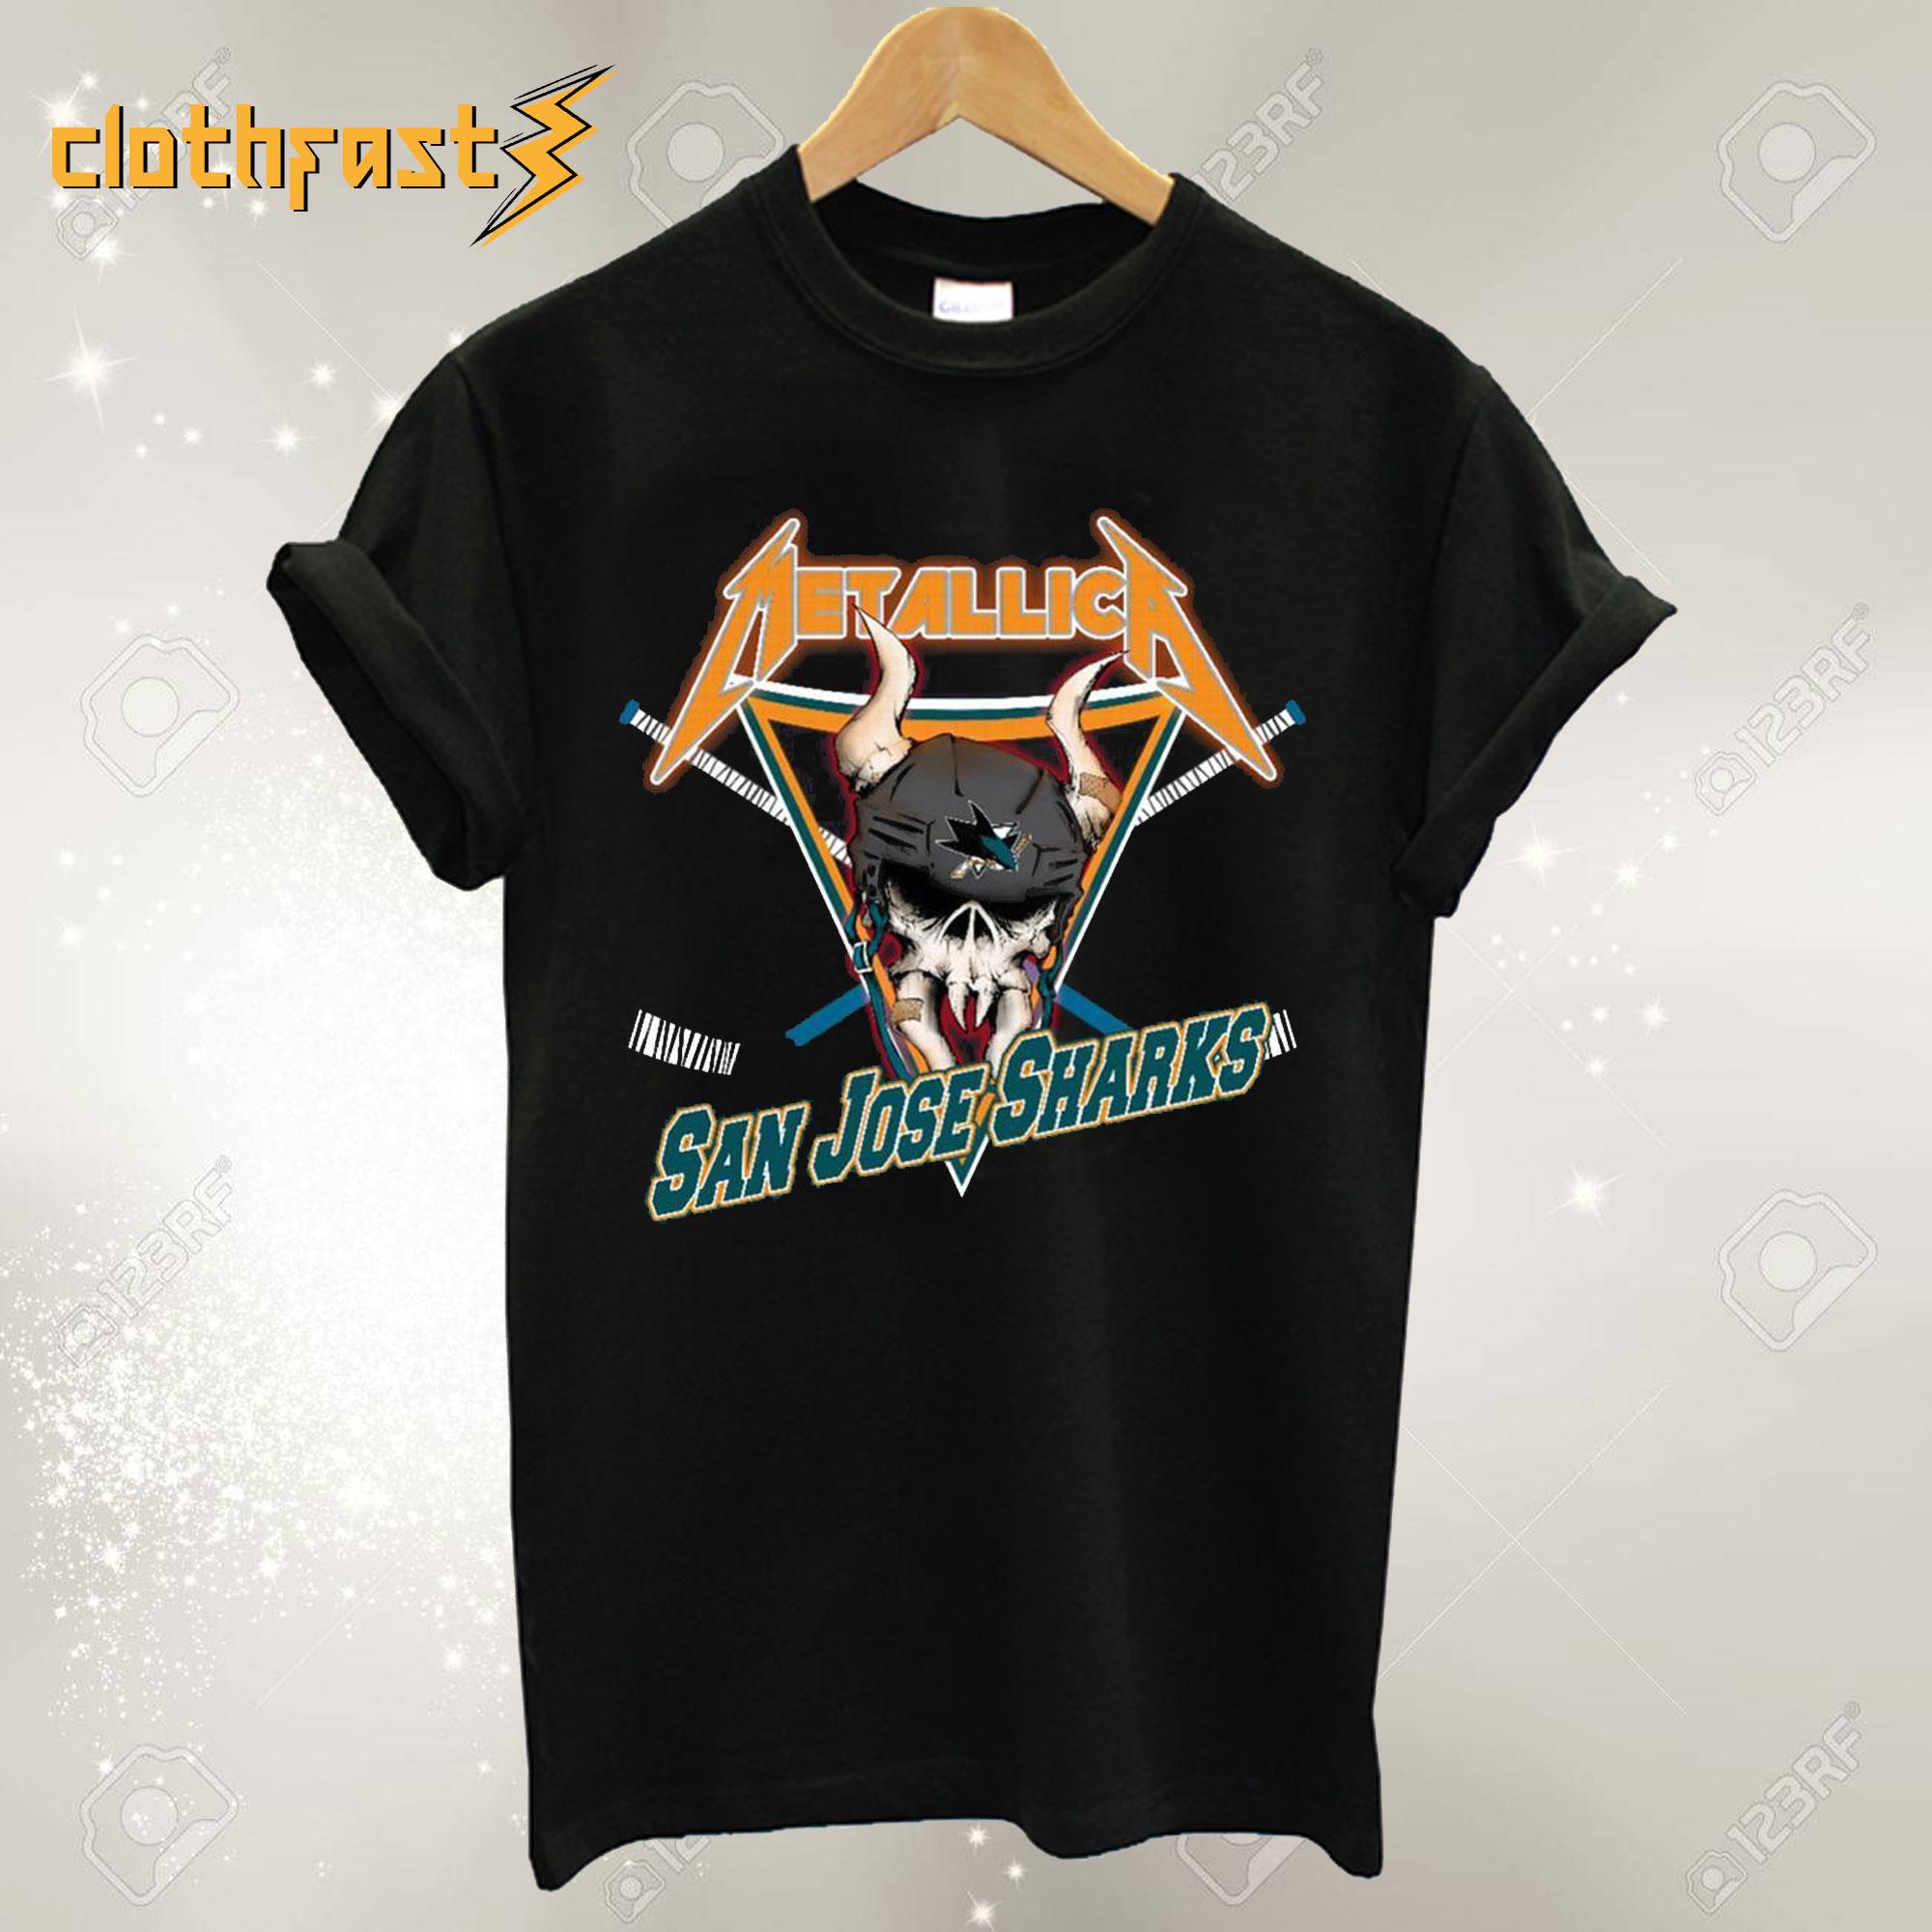 Metallica San Jose Sharks T-Shirt